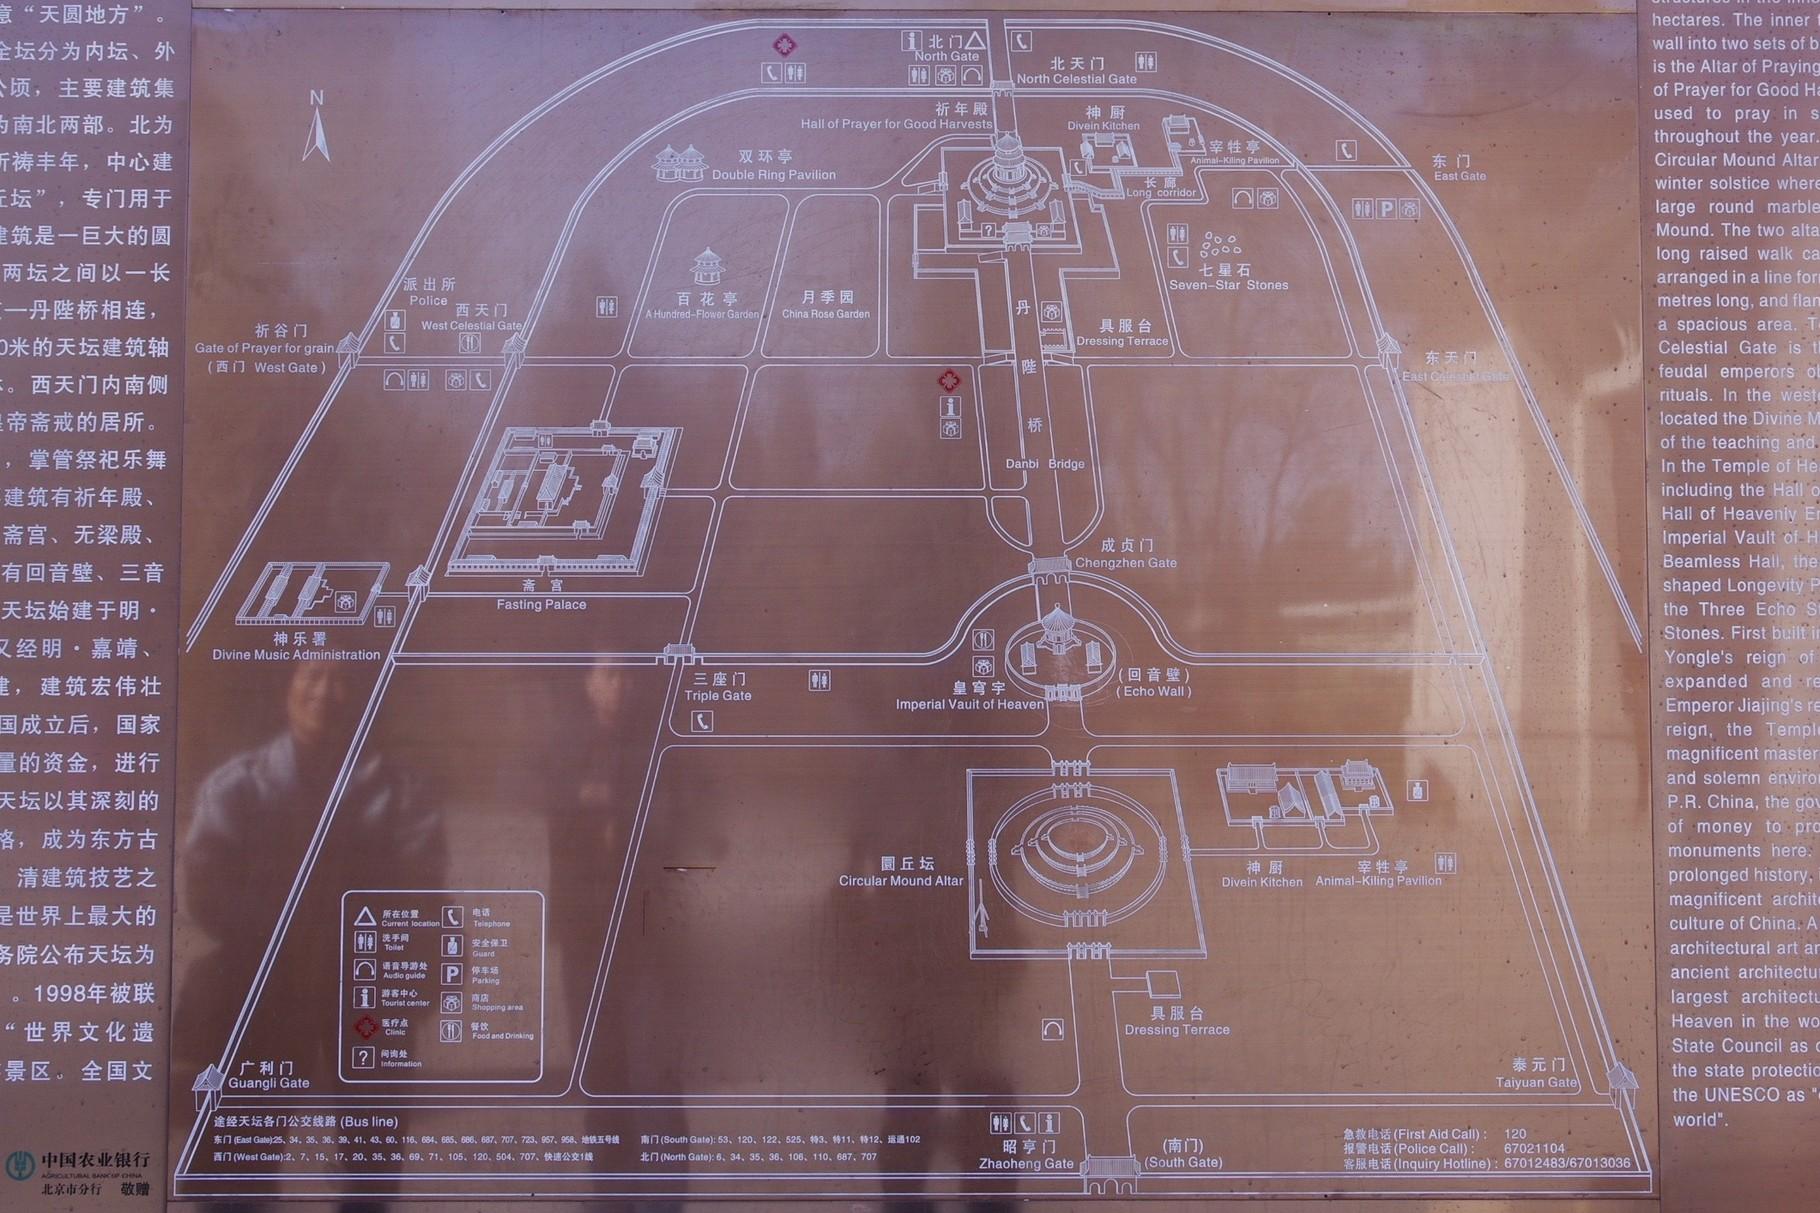 中心軸にそって、南から円丘壇、皇穹宇、祈年殿